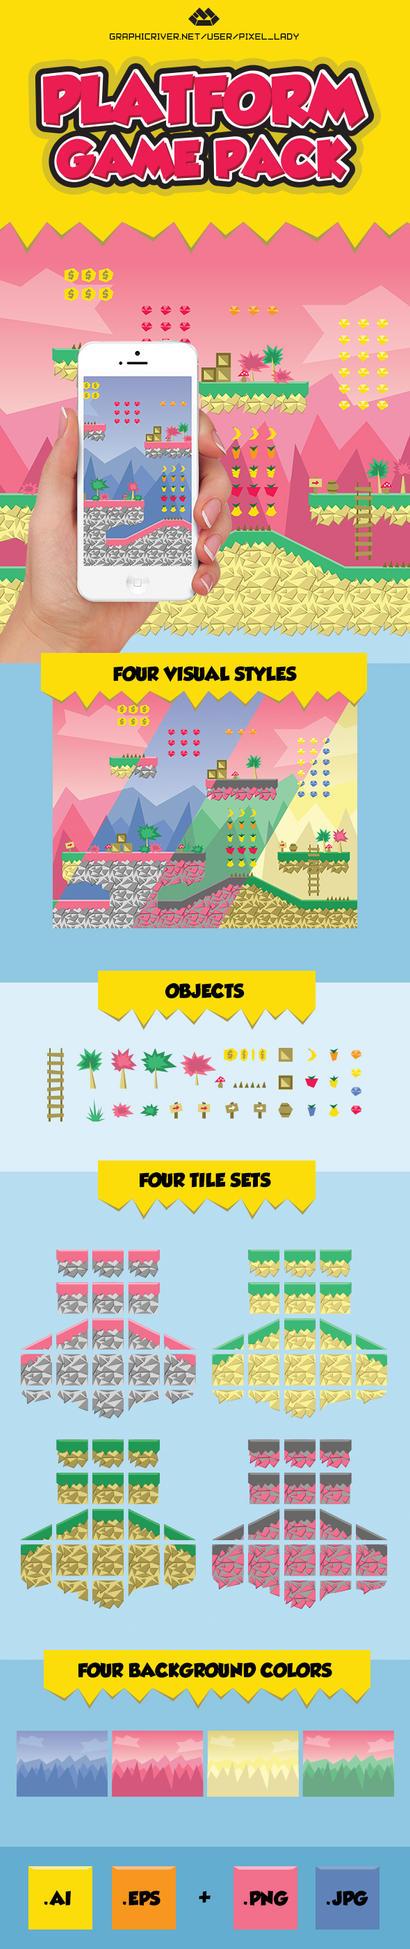 Platform Game Pack by PixelladyArt